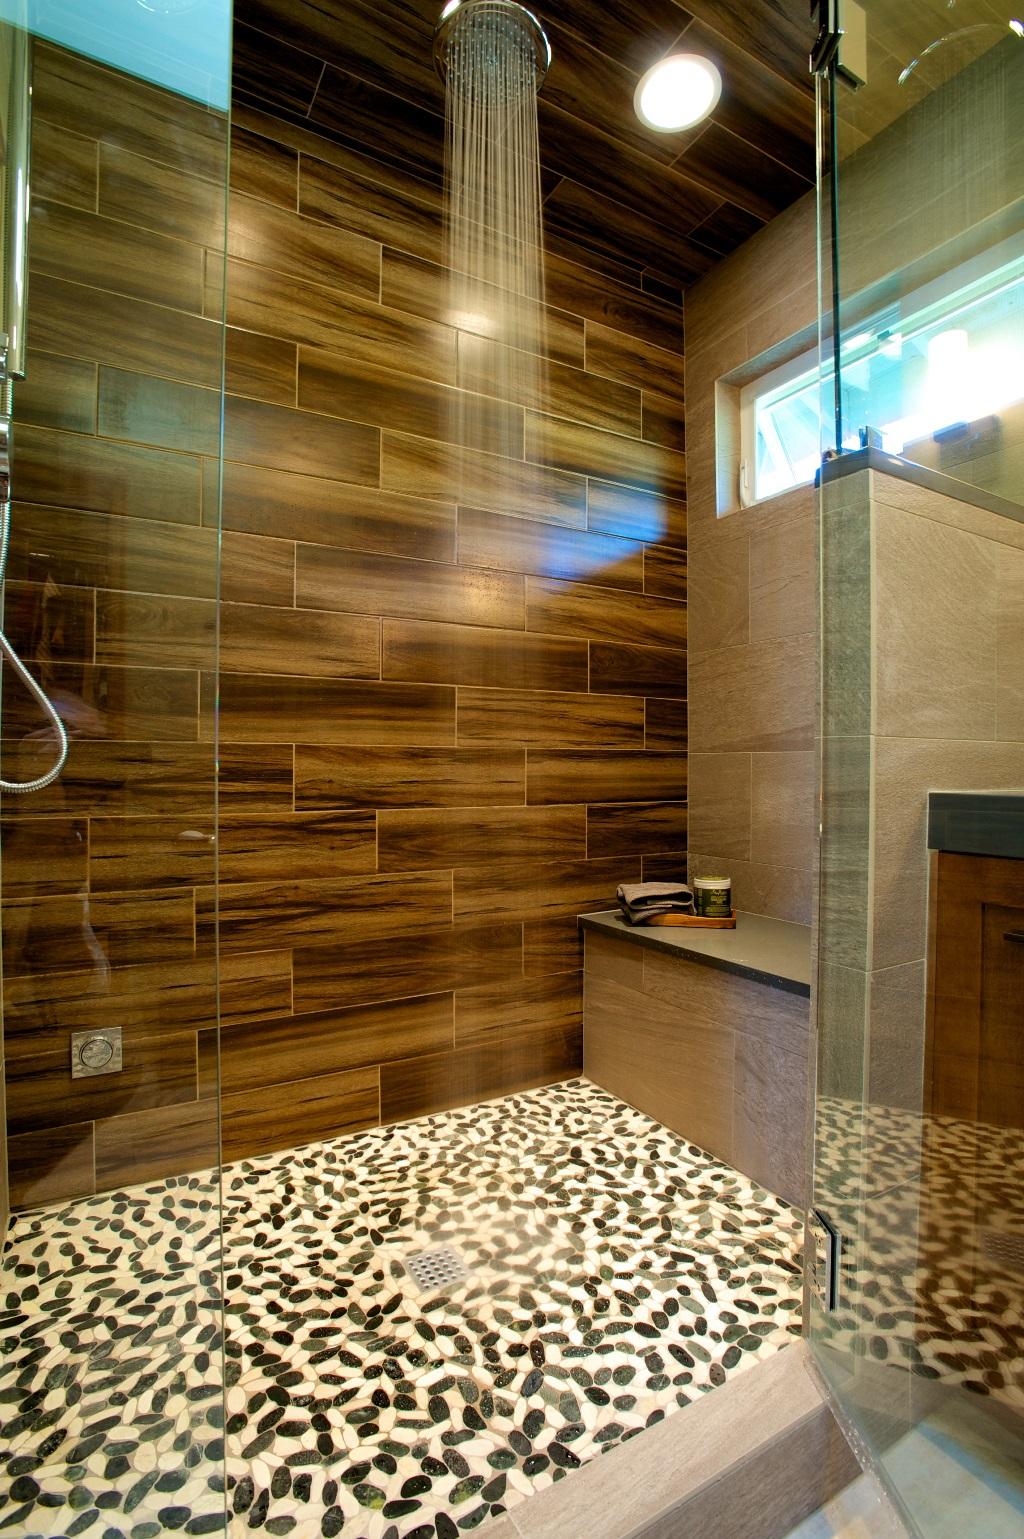 Tenhulzen Residential  Wood Stone Master Bath  Tenhulzen Residential